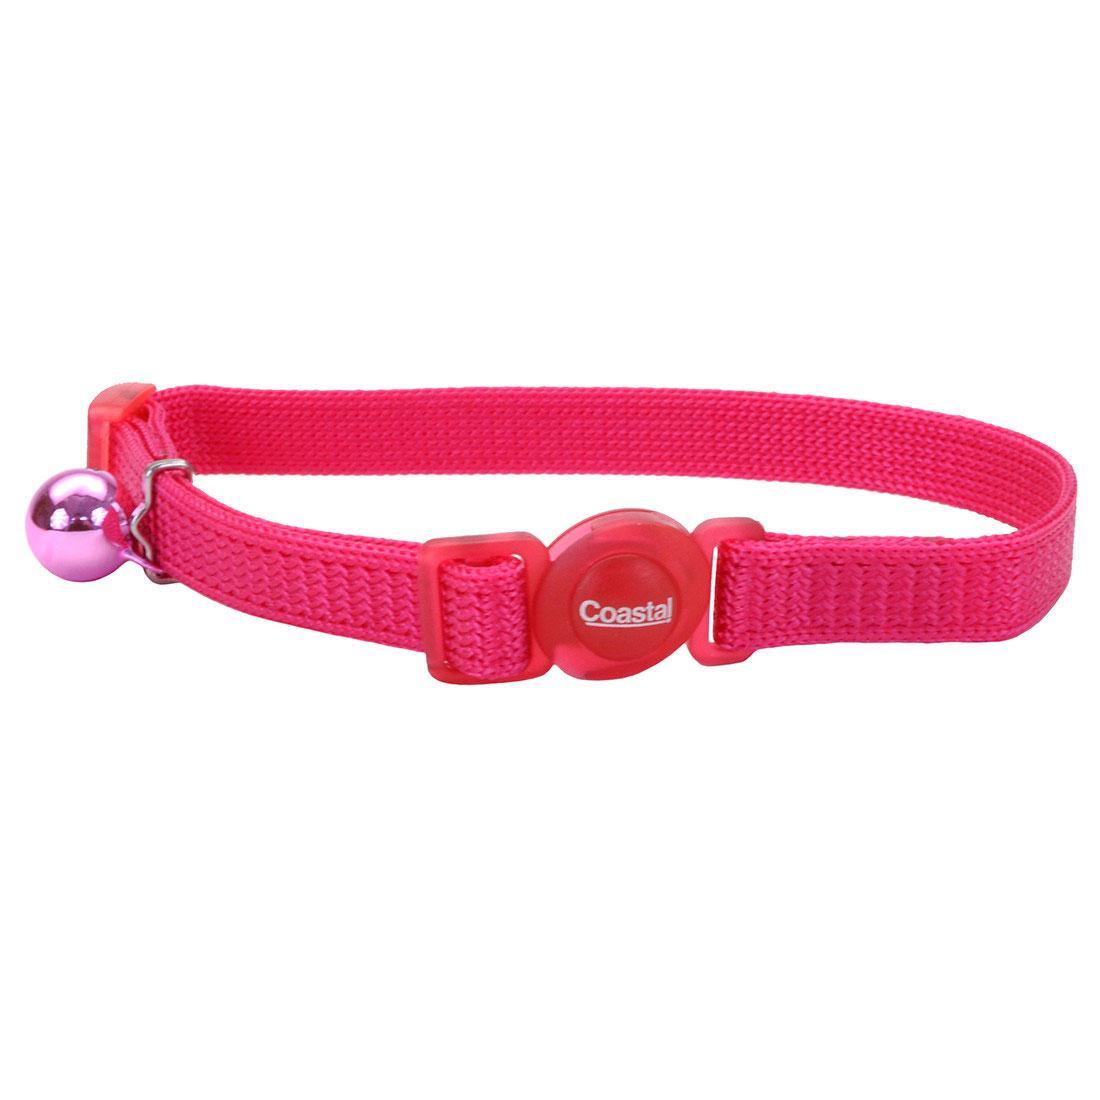 Safe Cat Adjustable Snag-Proof Breakaway Cat Collar, Pink Flamingo, 3/8-in x 8-12-in (Size: 3/8-in x 8-12-in) Image